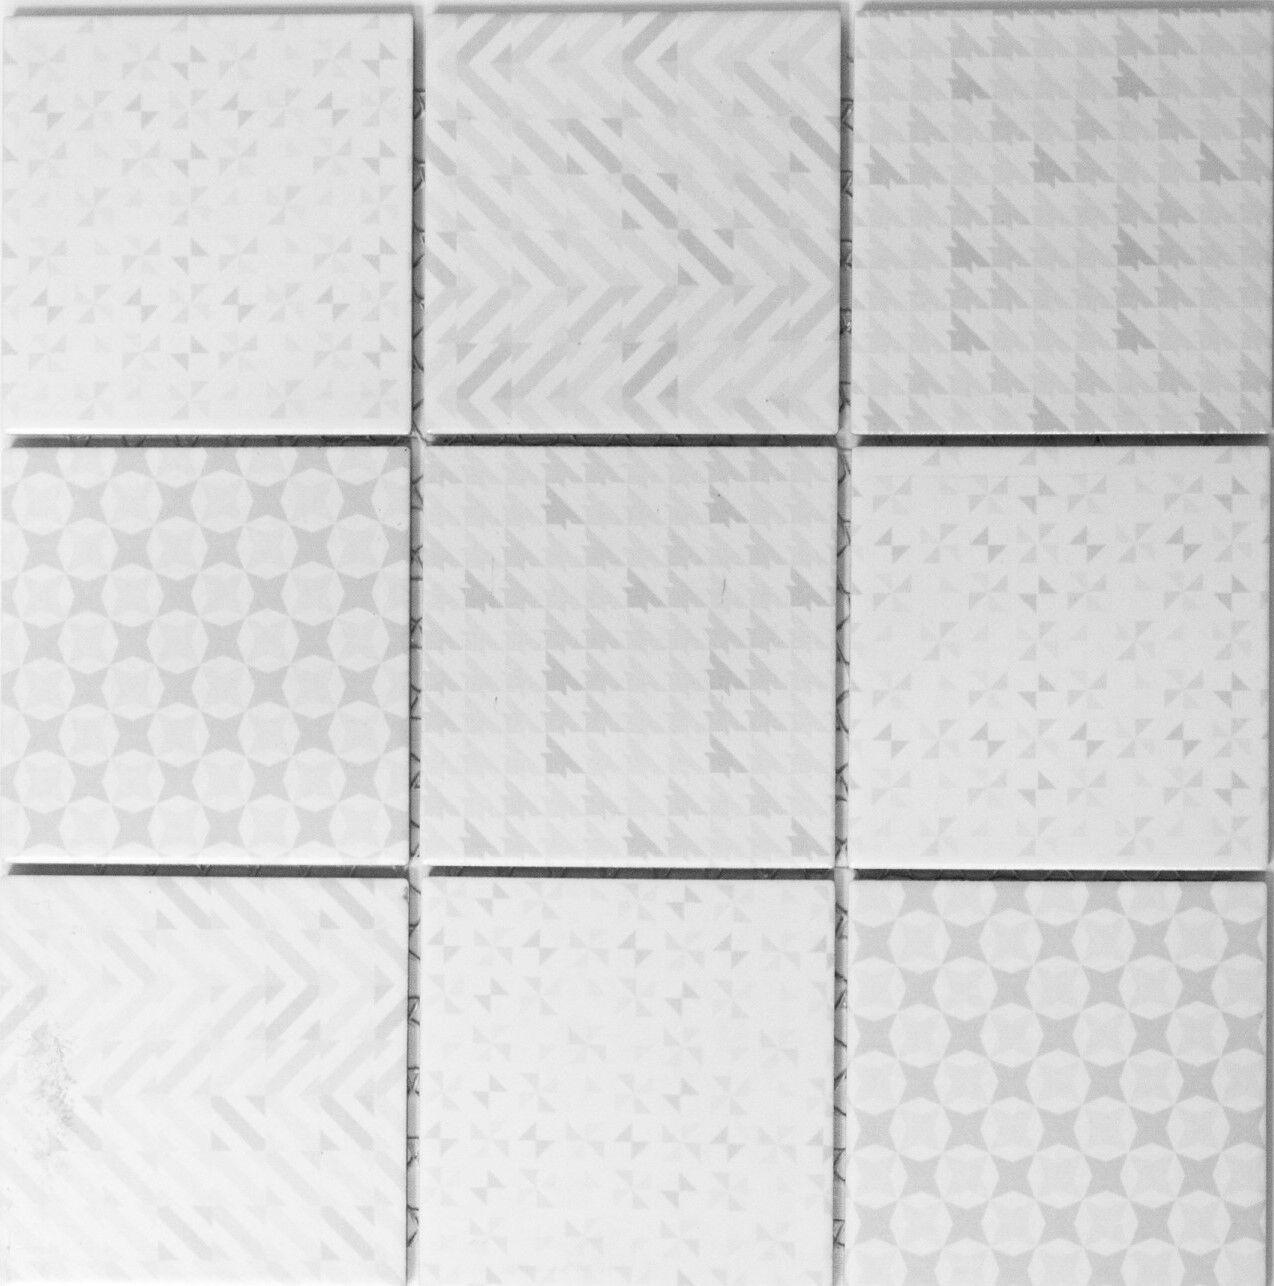 Mosaik Geo Weiß Fliesenspiegel Küche Wandverkleidung Art  22B-1401   10 Matten